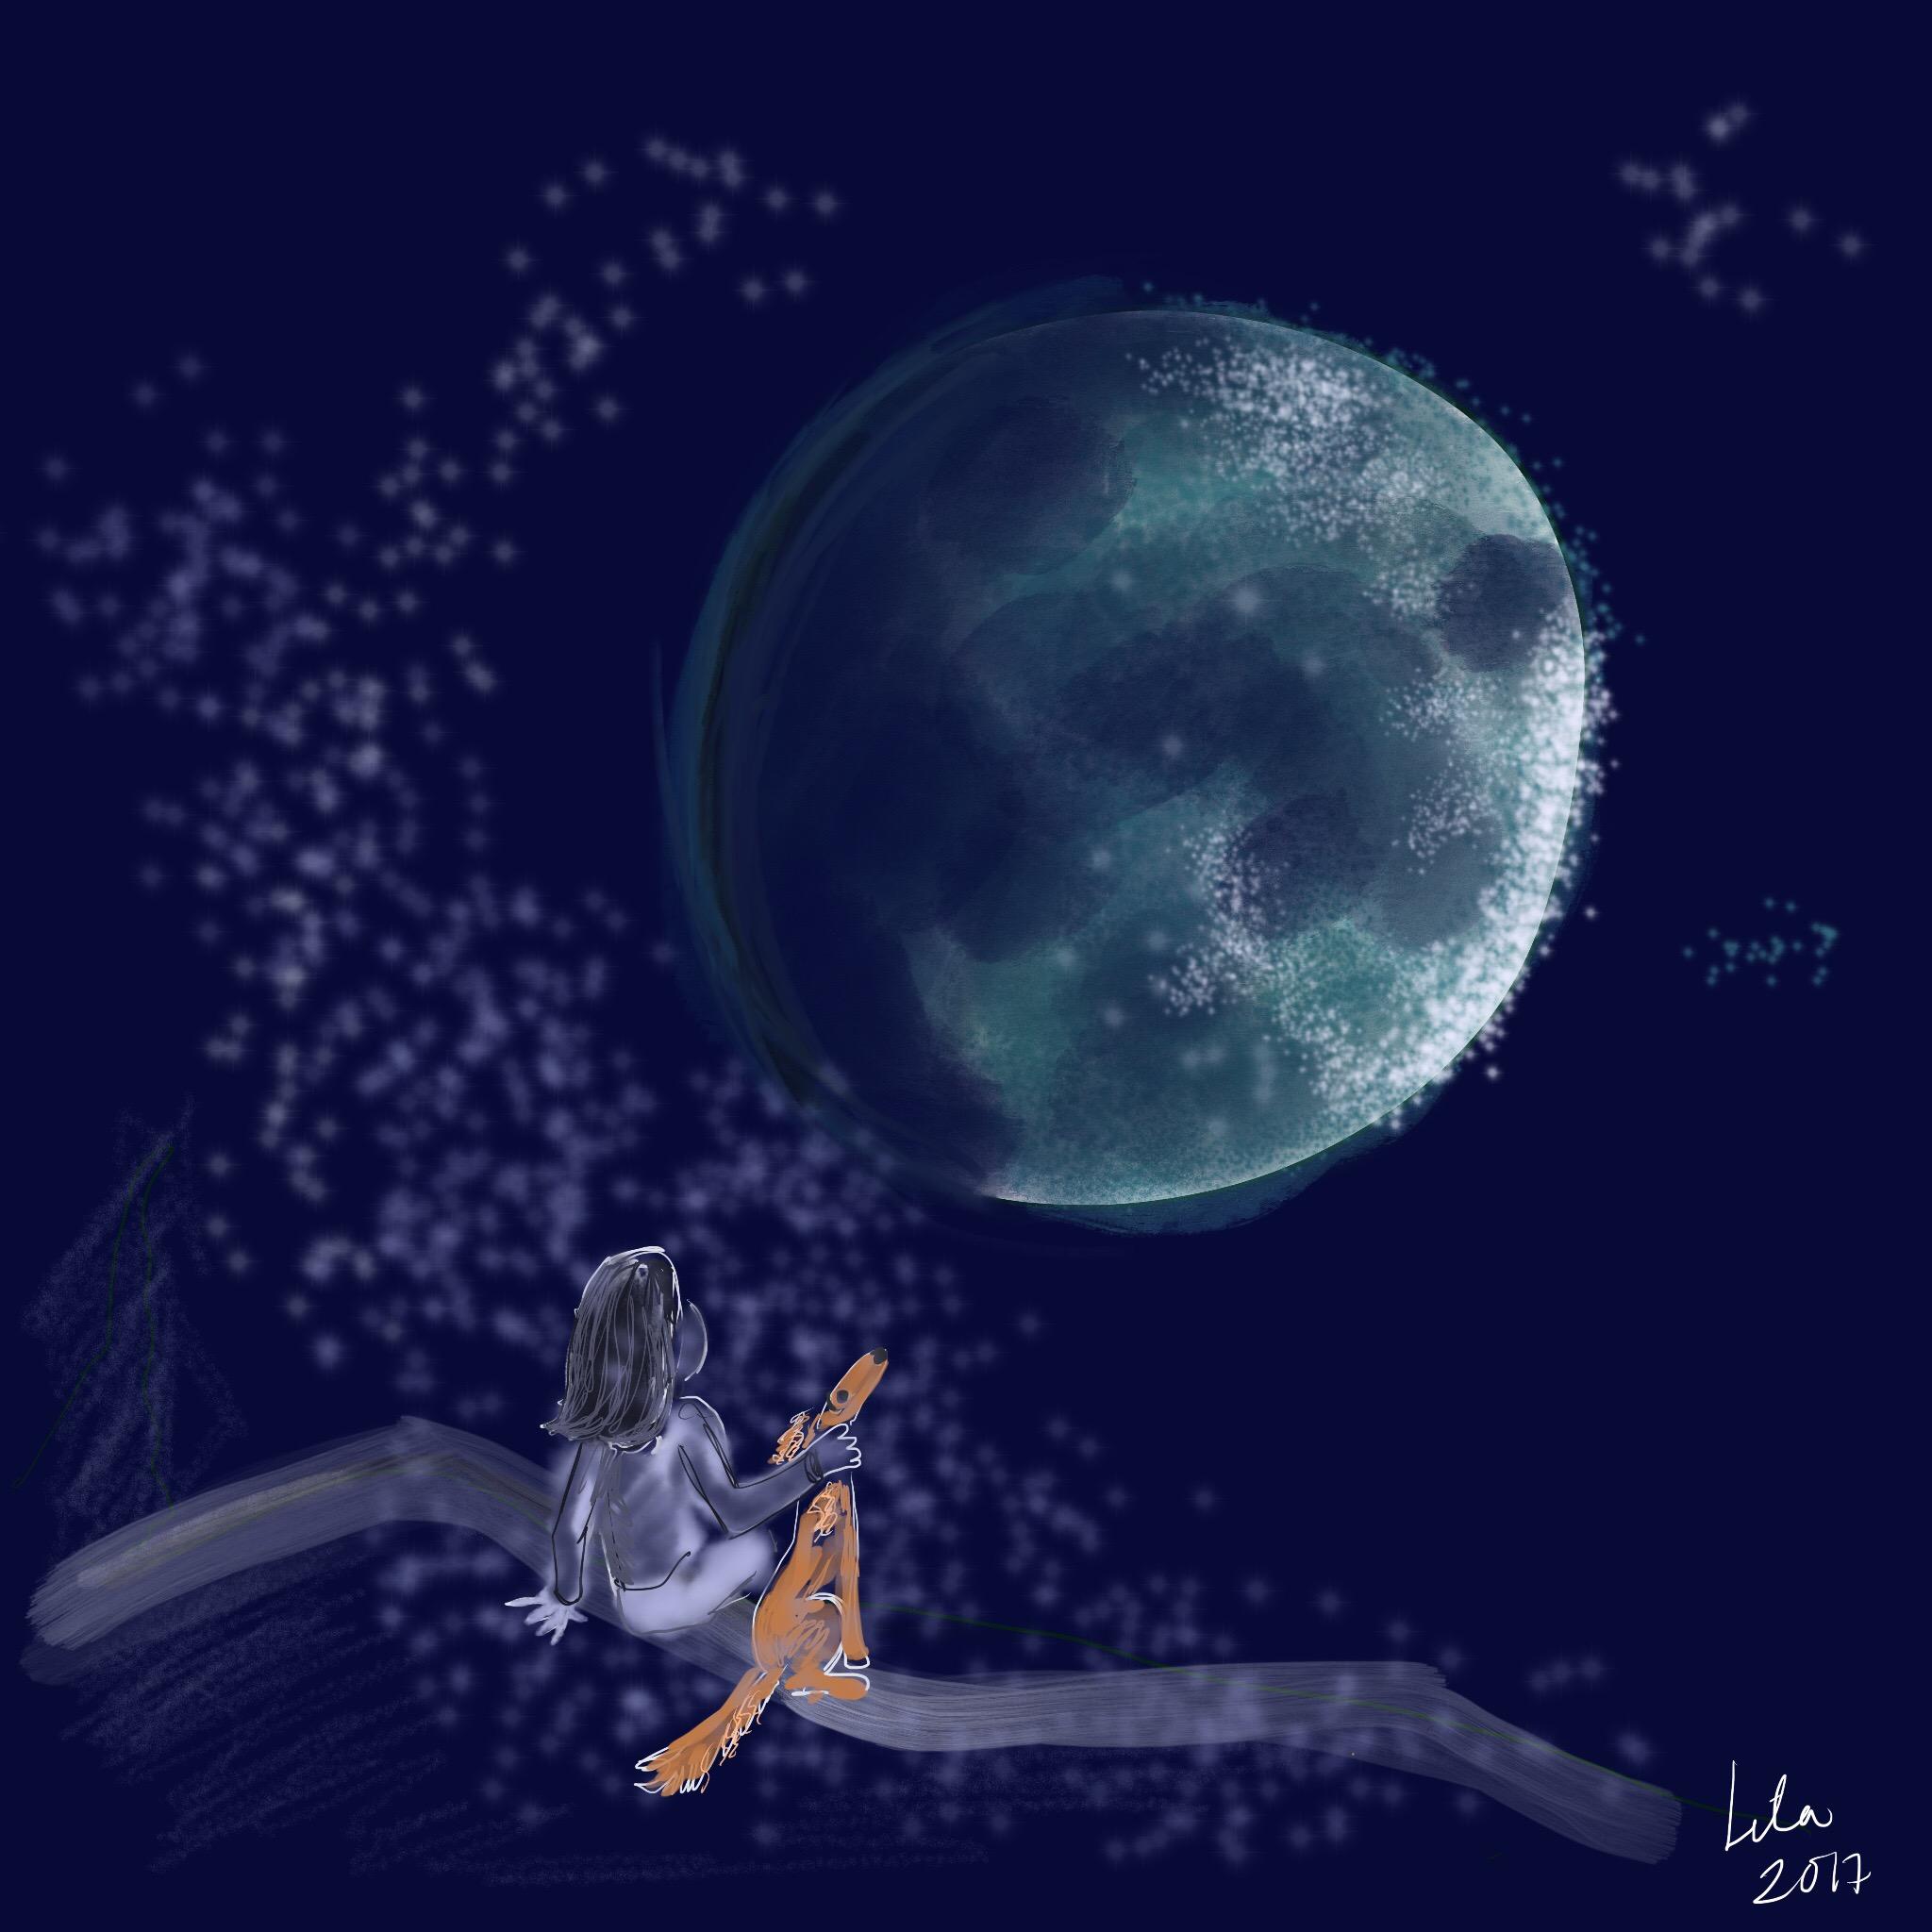 Moon_waxes_-_July_5.jpg